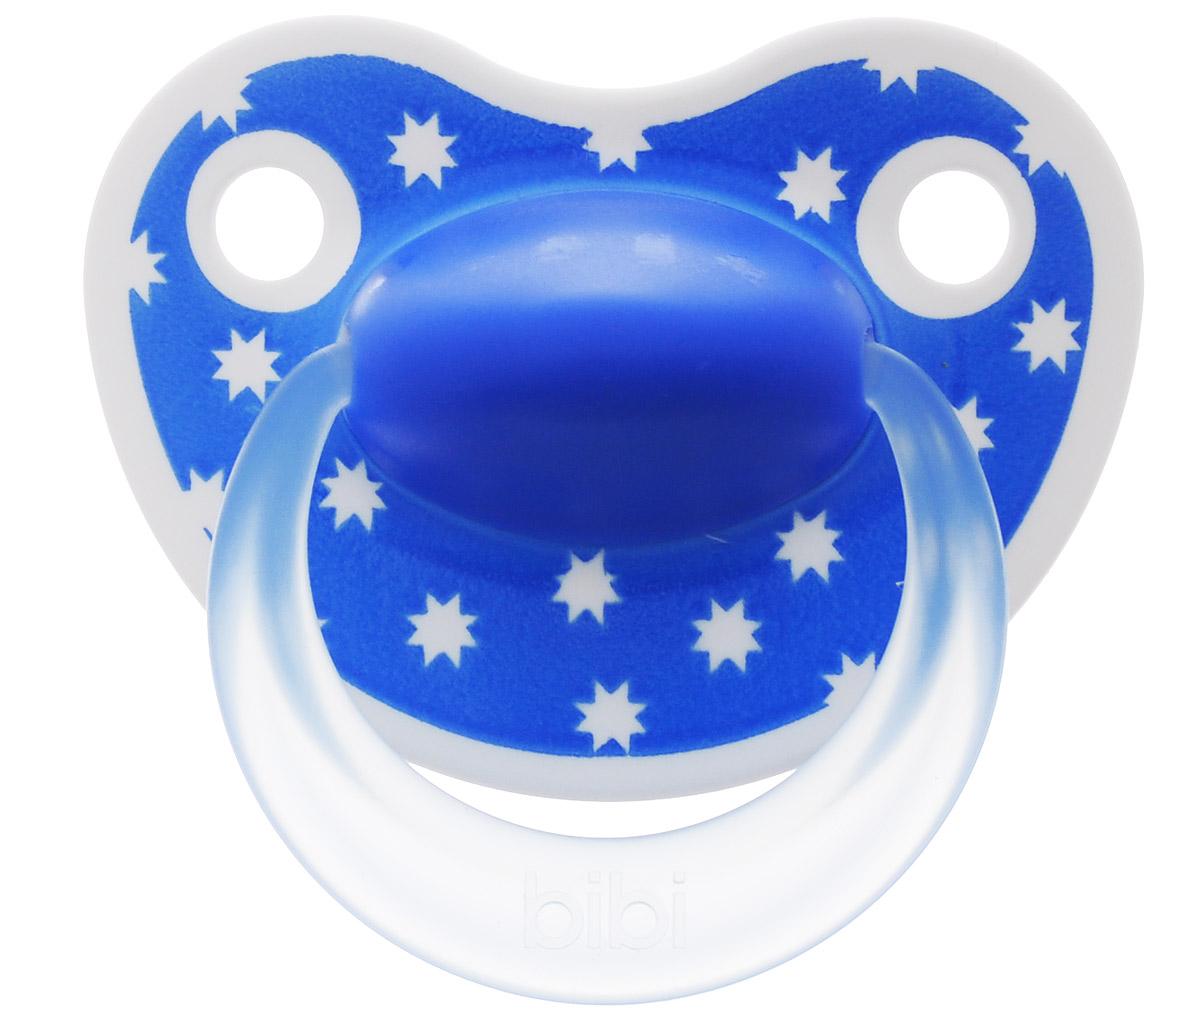 Bibi Пустышка силиконовая Happiness от 0 до 6 месяцев цвет синий113221_синийСиликоновая пустышка Bibi Happiness предназначена для детей от 0 до 6 месяцев. Размер соски разработан в соответствии с возрастом ребенка. Ортодонтическая форма соски способствует естественному развитию неба и челюсти. Анатомическая форма нагубника повторяет форму рта и обеспечивает удобство при движении нижней челюсти. Дополнительную безопасность обеспечивают два вентиляционных отверстия. Силиконовая пустышка Bibi Happiness - это модный аксессуар, сочетающий качество, функциональность и положительные эмоции. Не содержит бисфенол-А.